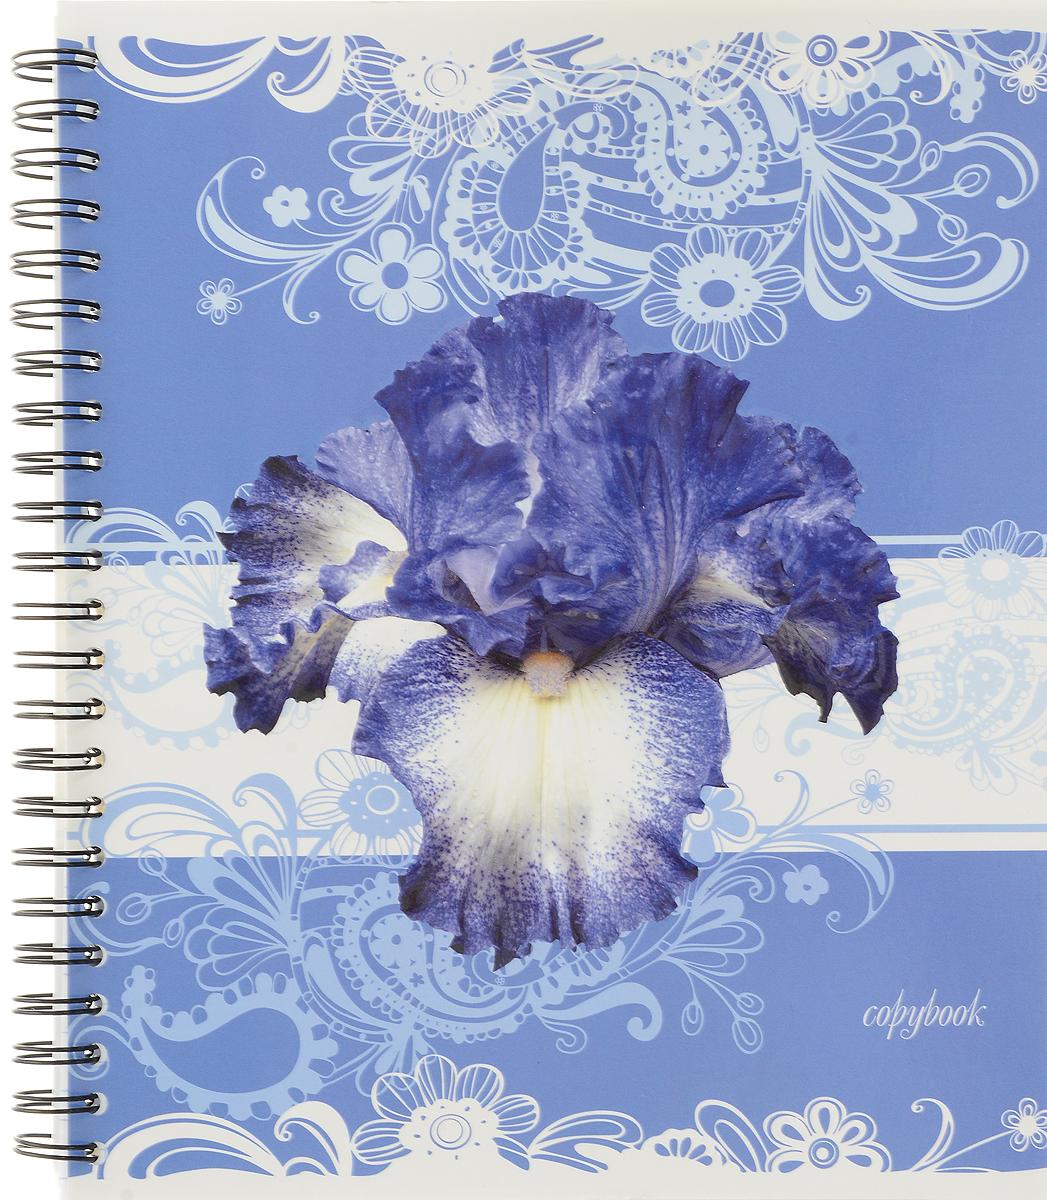 Полиграфика Тетрадь Цветы в узорах 96 листов в клетку цвет голубой37637синийТетрадь Полиграфика Цветы в узорах подойдет как школьнику, так и студенту.Обложка, выполненная из плотного картона, позволит сохранить тетрадь в аккуратном состоянии на протяжении всего времени использования. Обложка оформлена изображением объемных цветов.Внутренний блок тетради, соединенный металлическим гребнем, состоит из 96 листов белой бумаги в голубую клетку без полей.